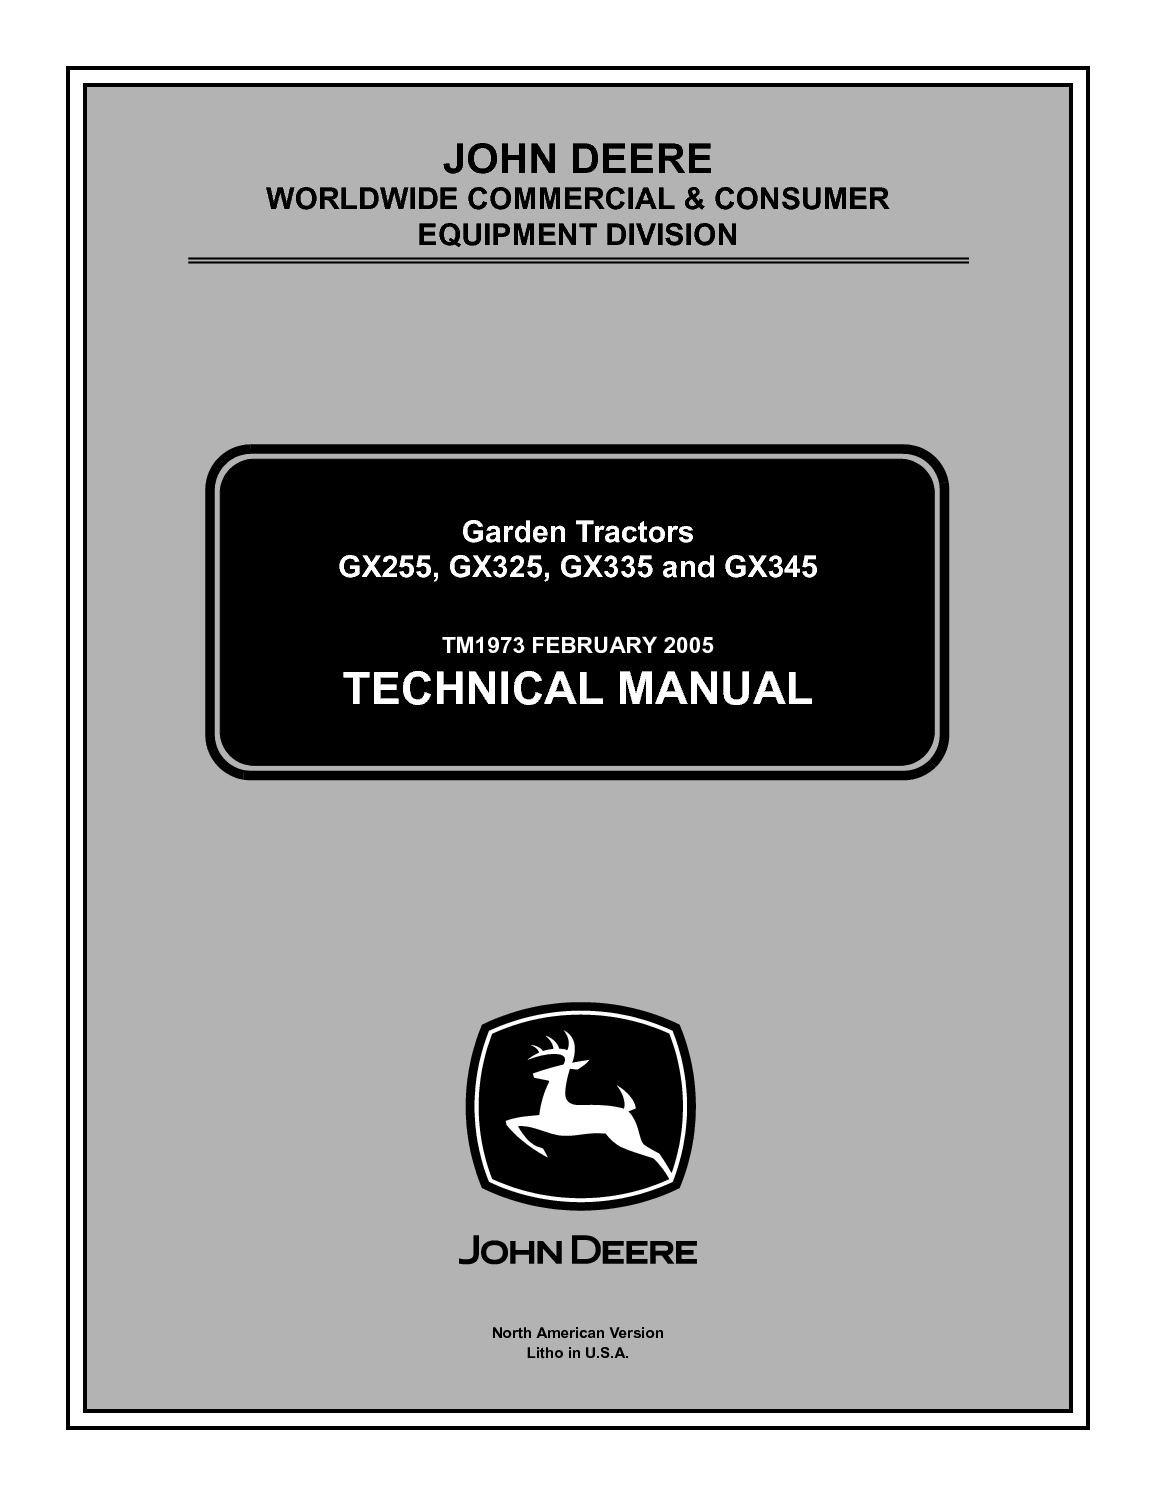 Gx345 Wiring Diagram